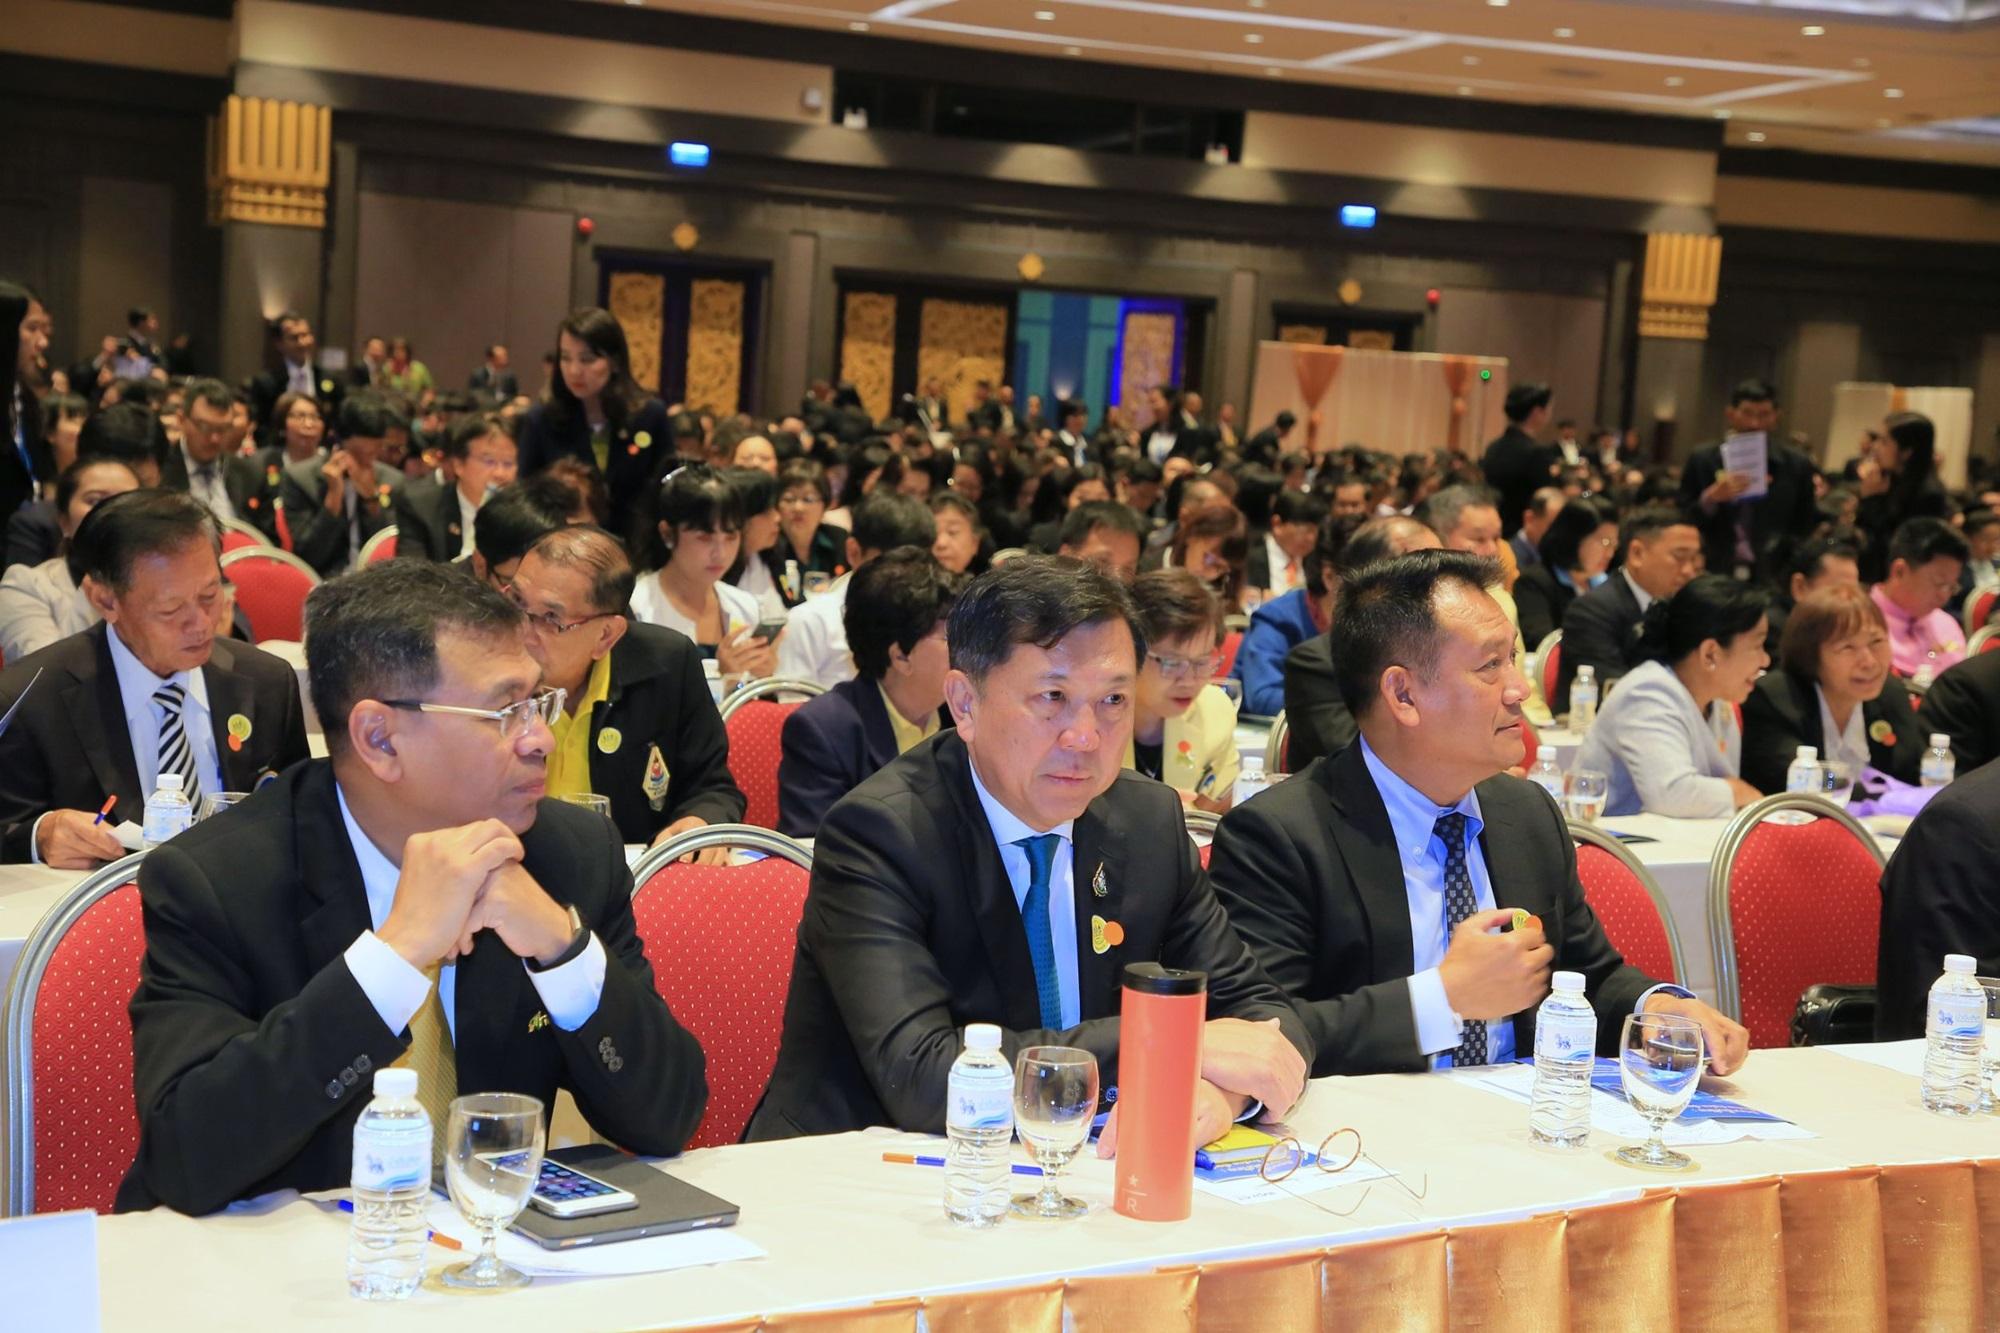 """อทช. ร่วมงานการประชุม เรื่อง """"พัฒนาพื้นที่ไทย : เชื่อมไทย ก้าวไกล เชื่อมโลก"""""""